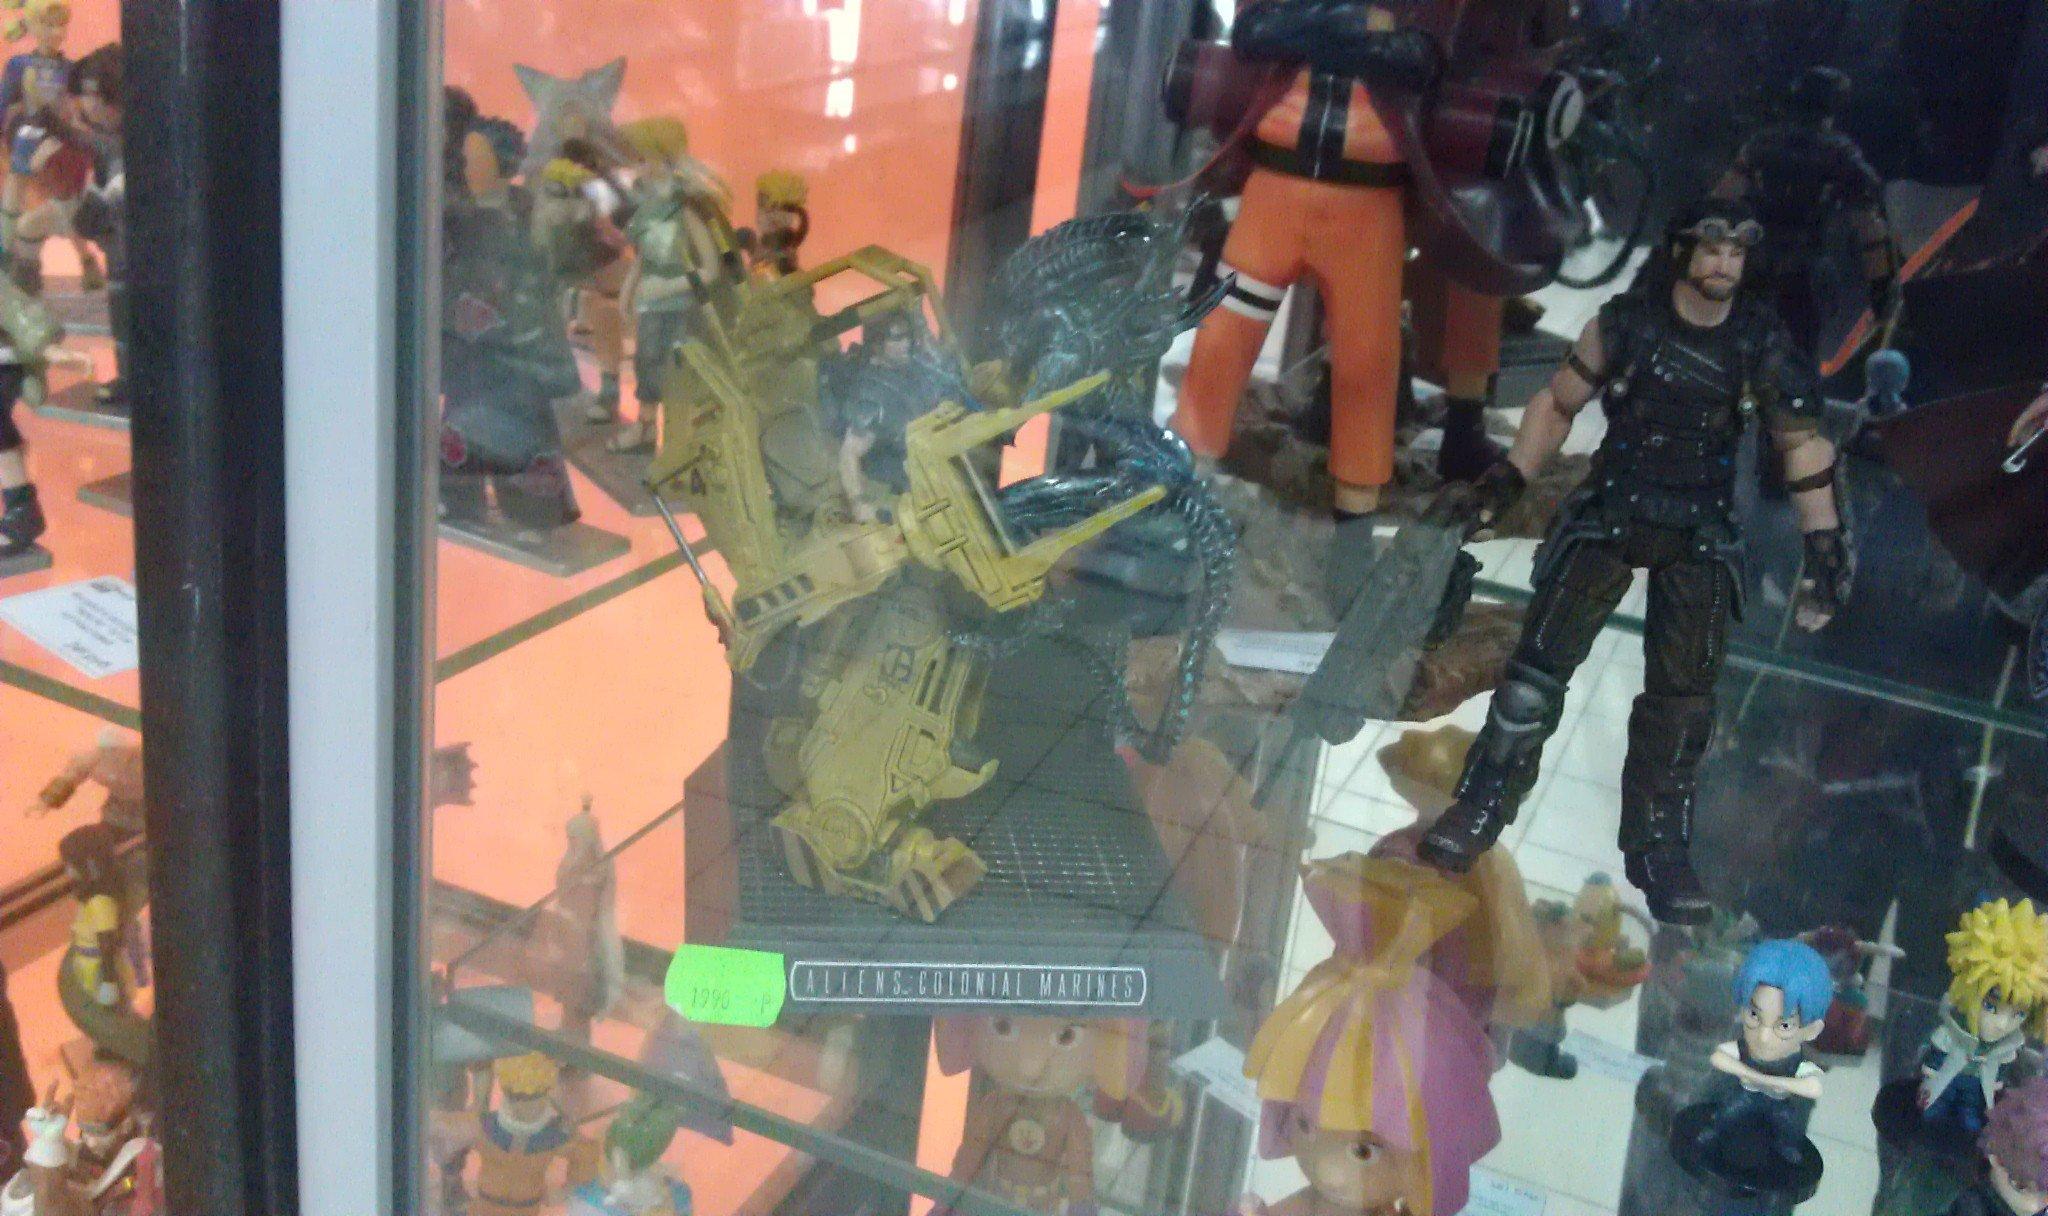 """Пример """"Яarsiian bussines"""" магазина в одном из торговых центров Екатеринбурга. Интересно, это не противоречит догово ... - Изображение 1"""